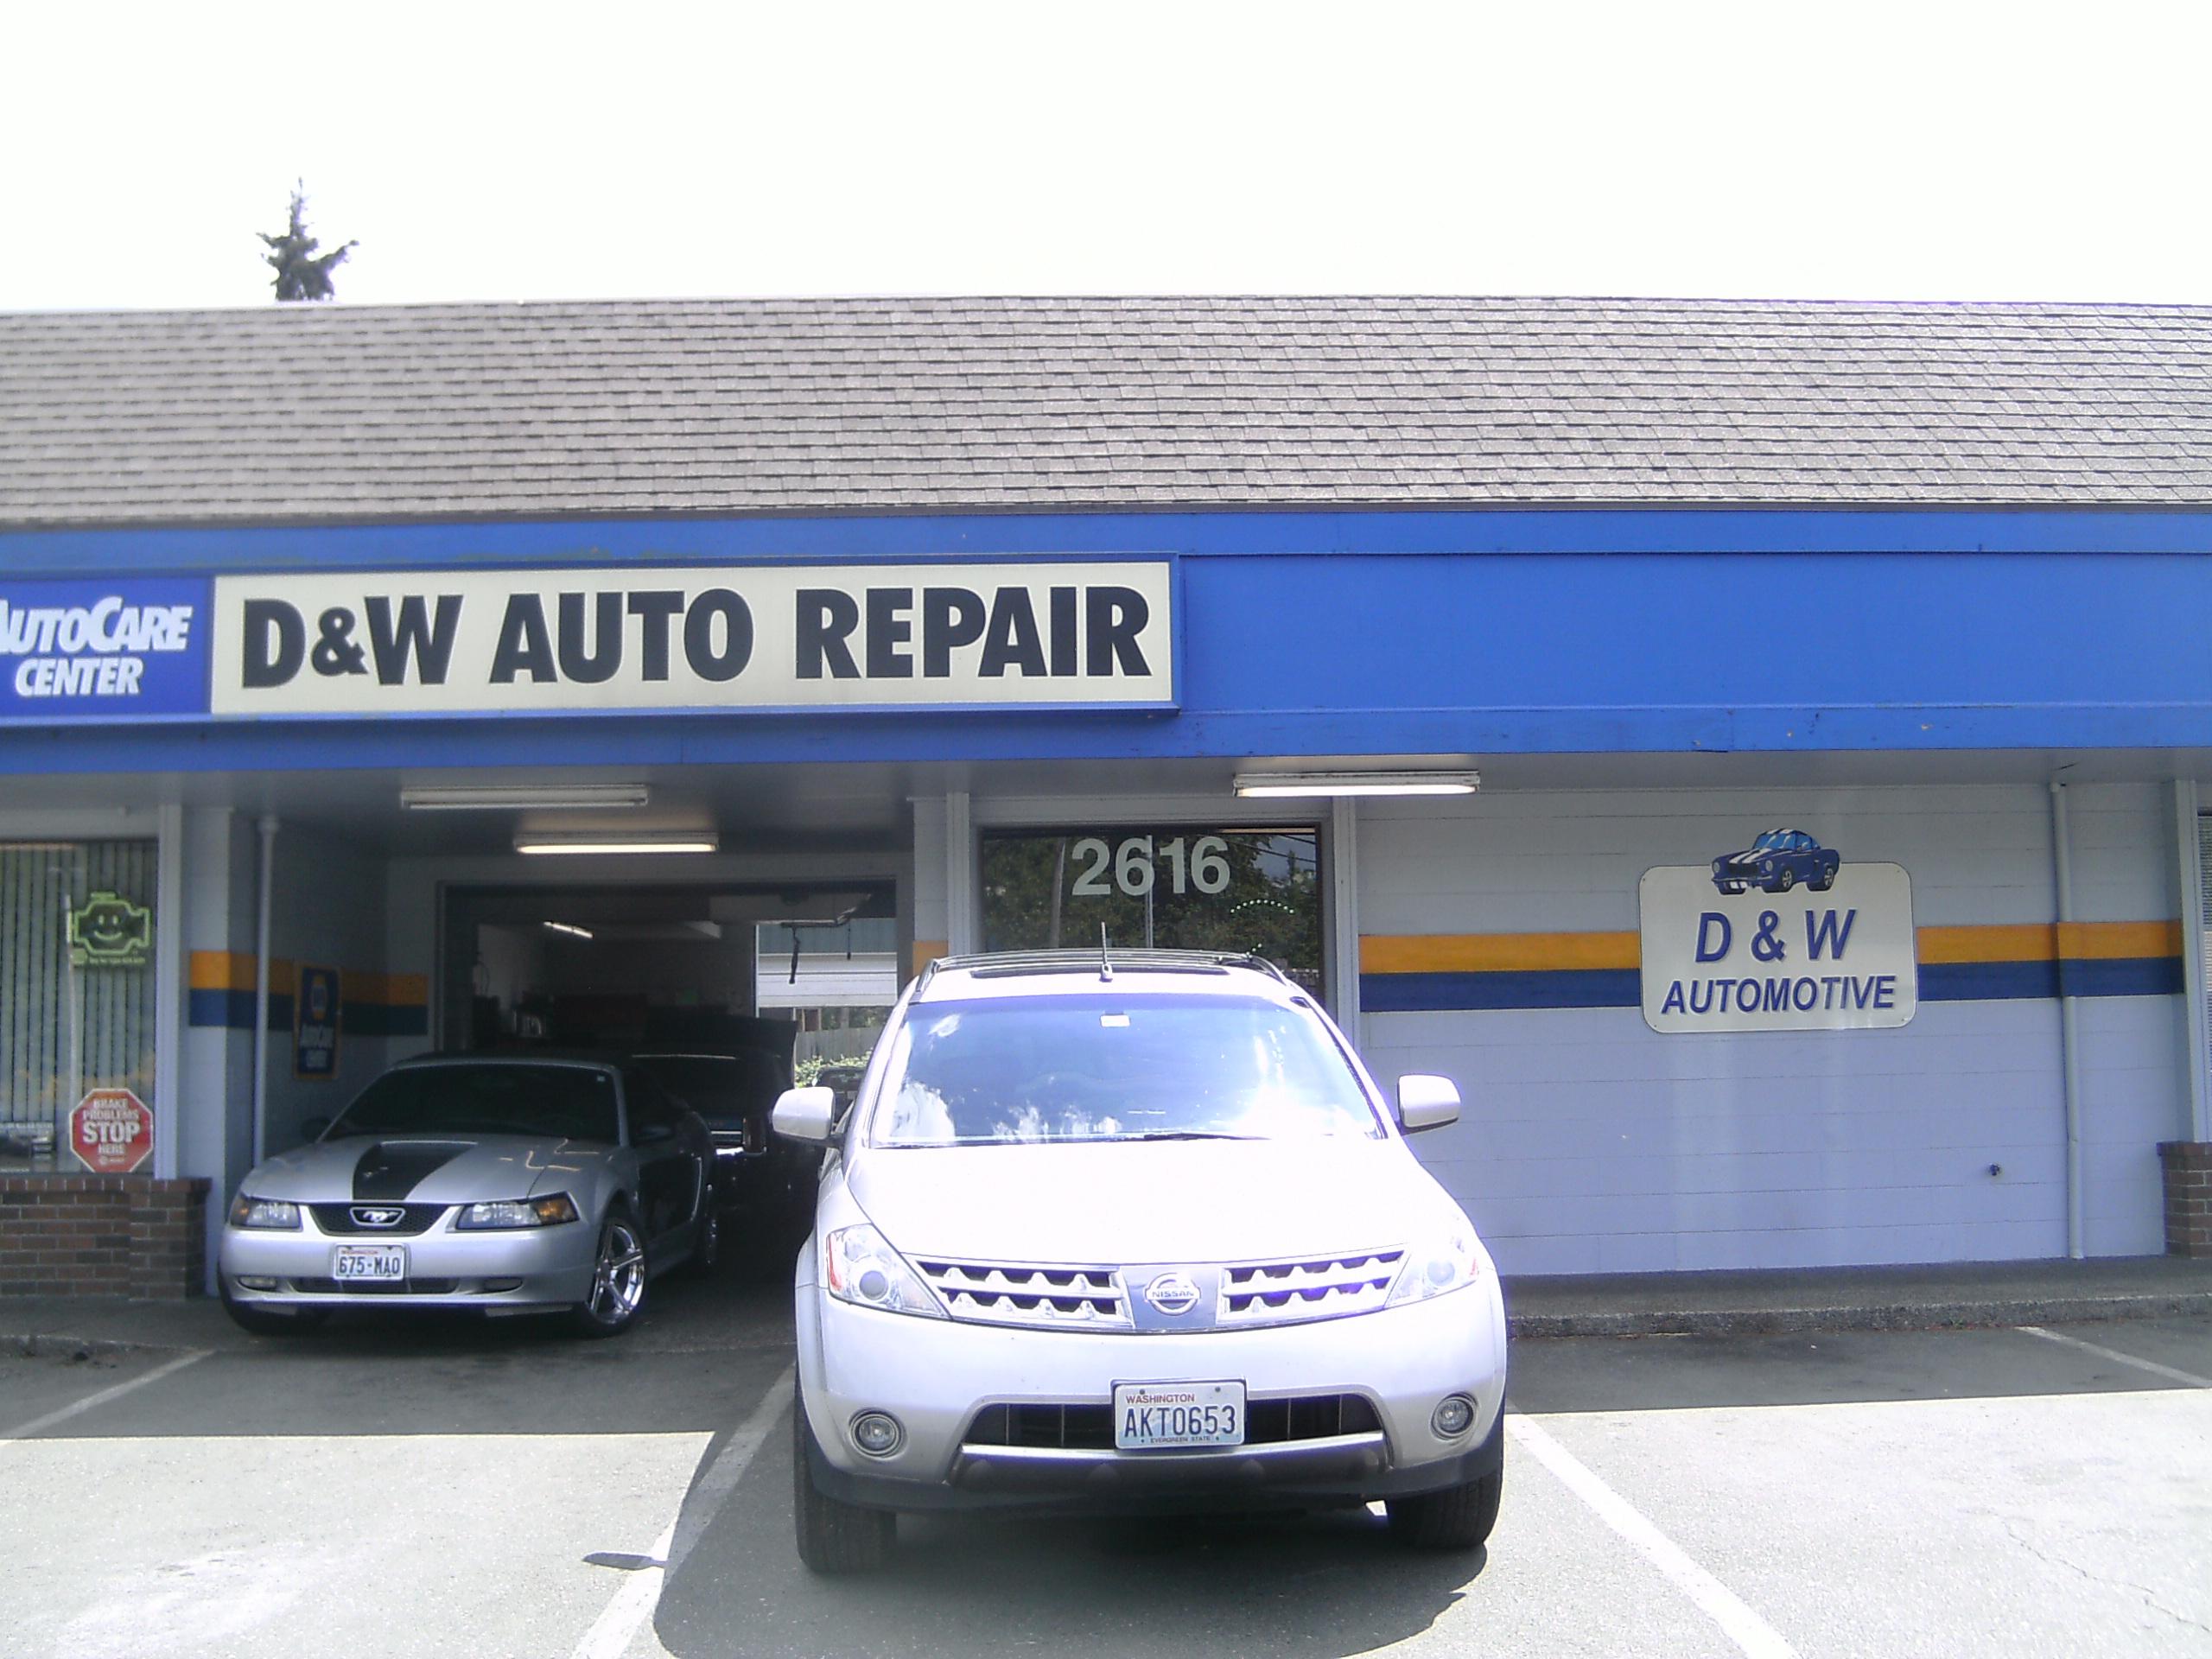 D&W Auto Repair image 1